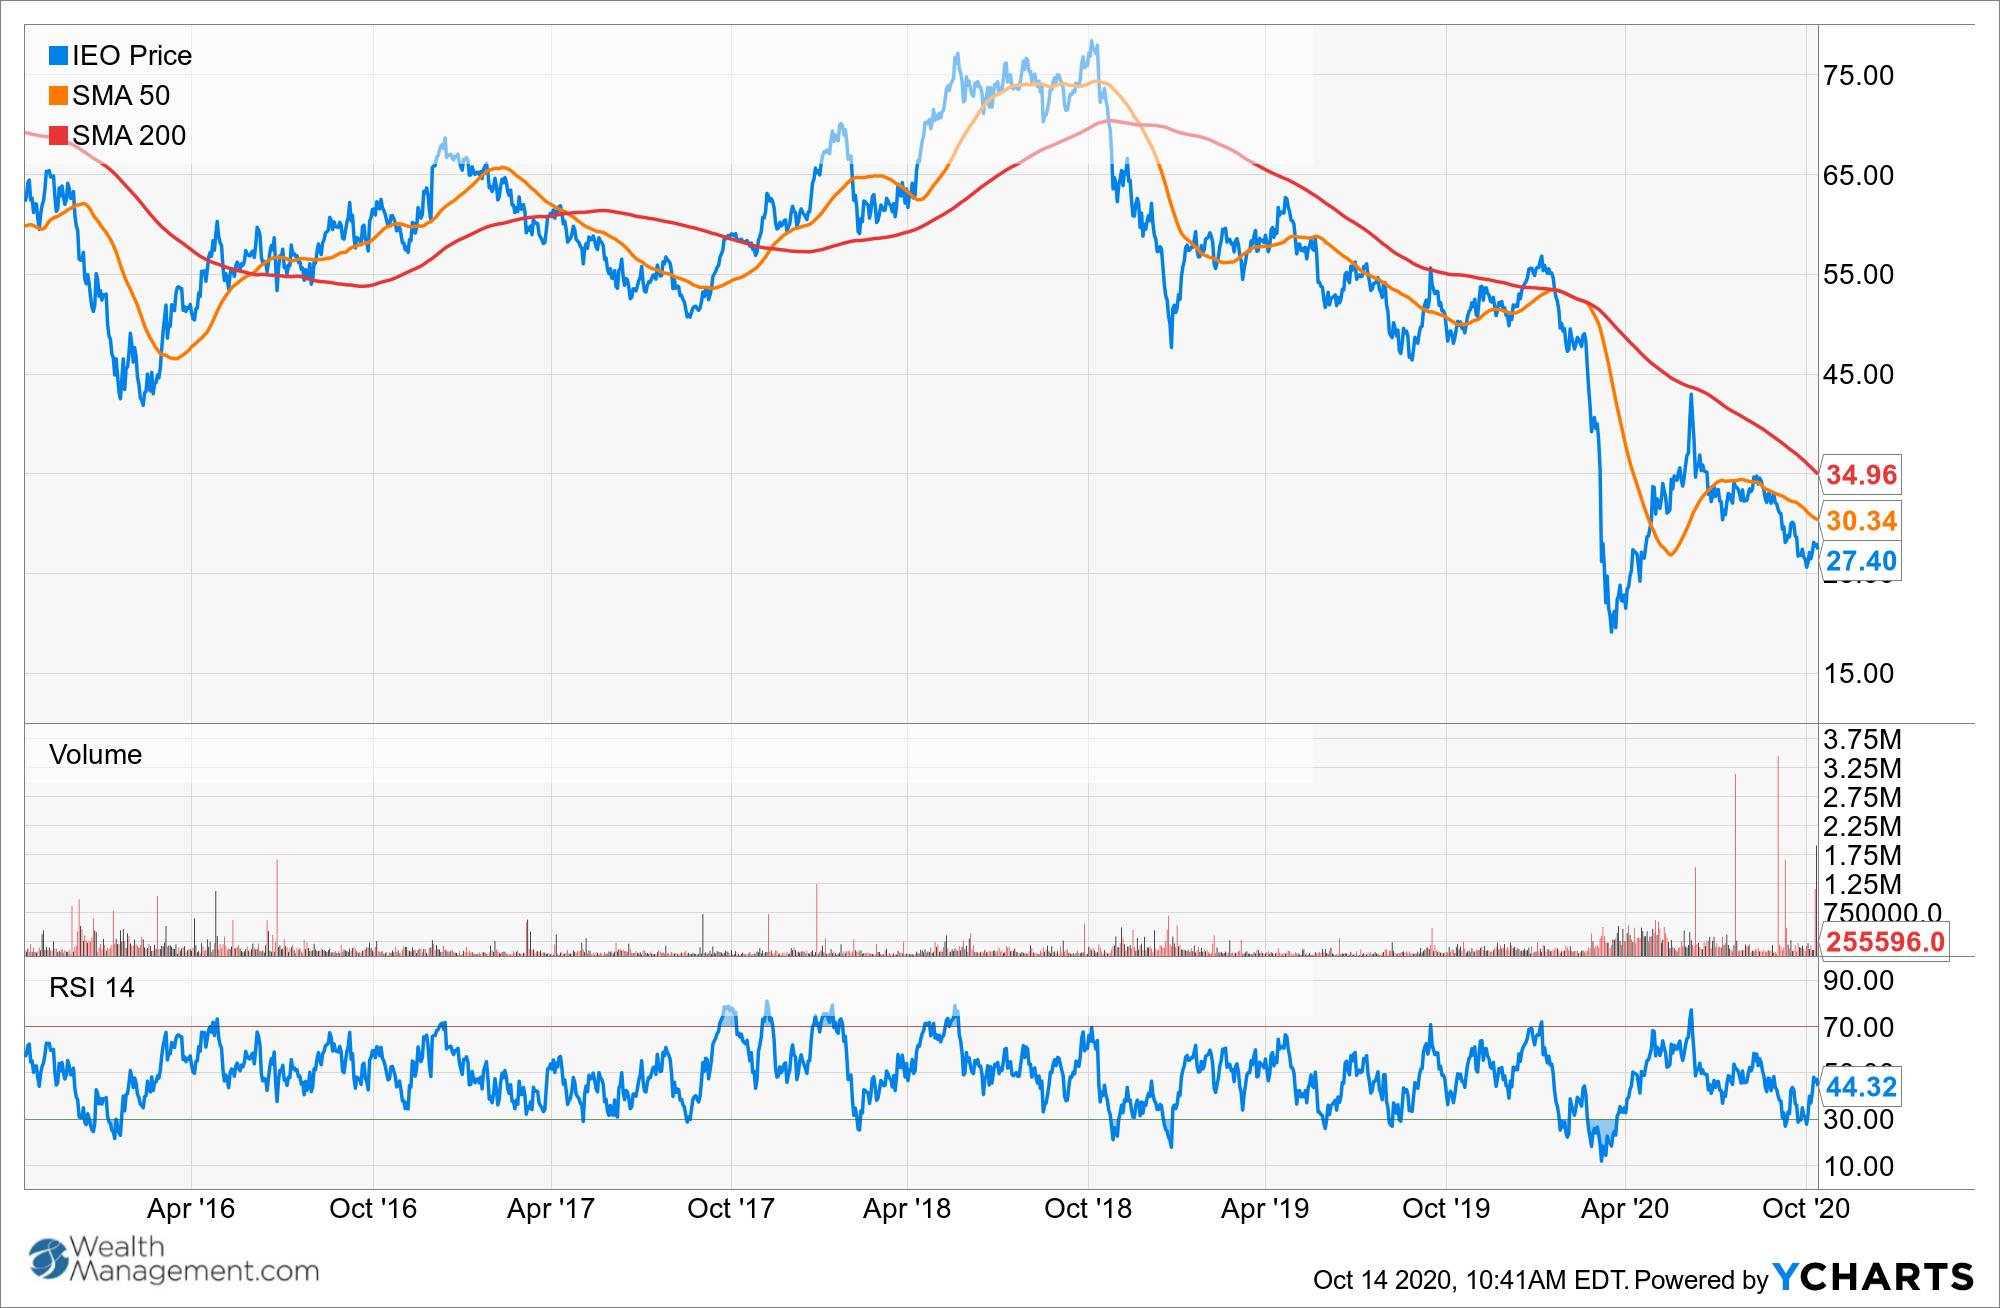 IEO Chart